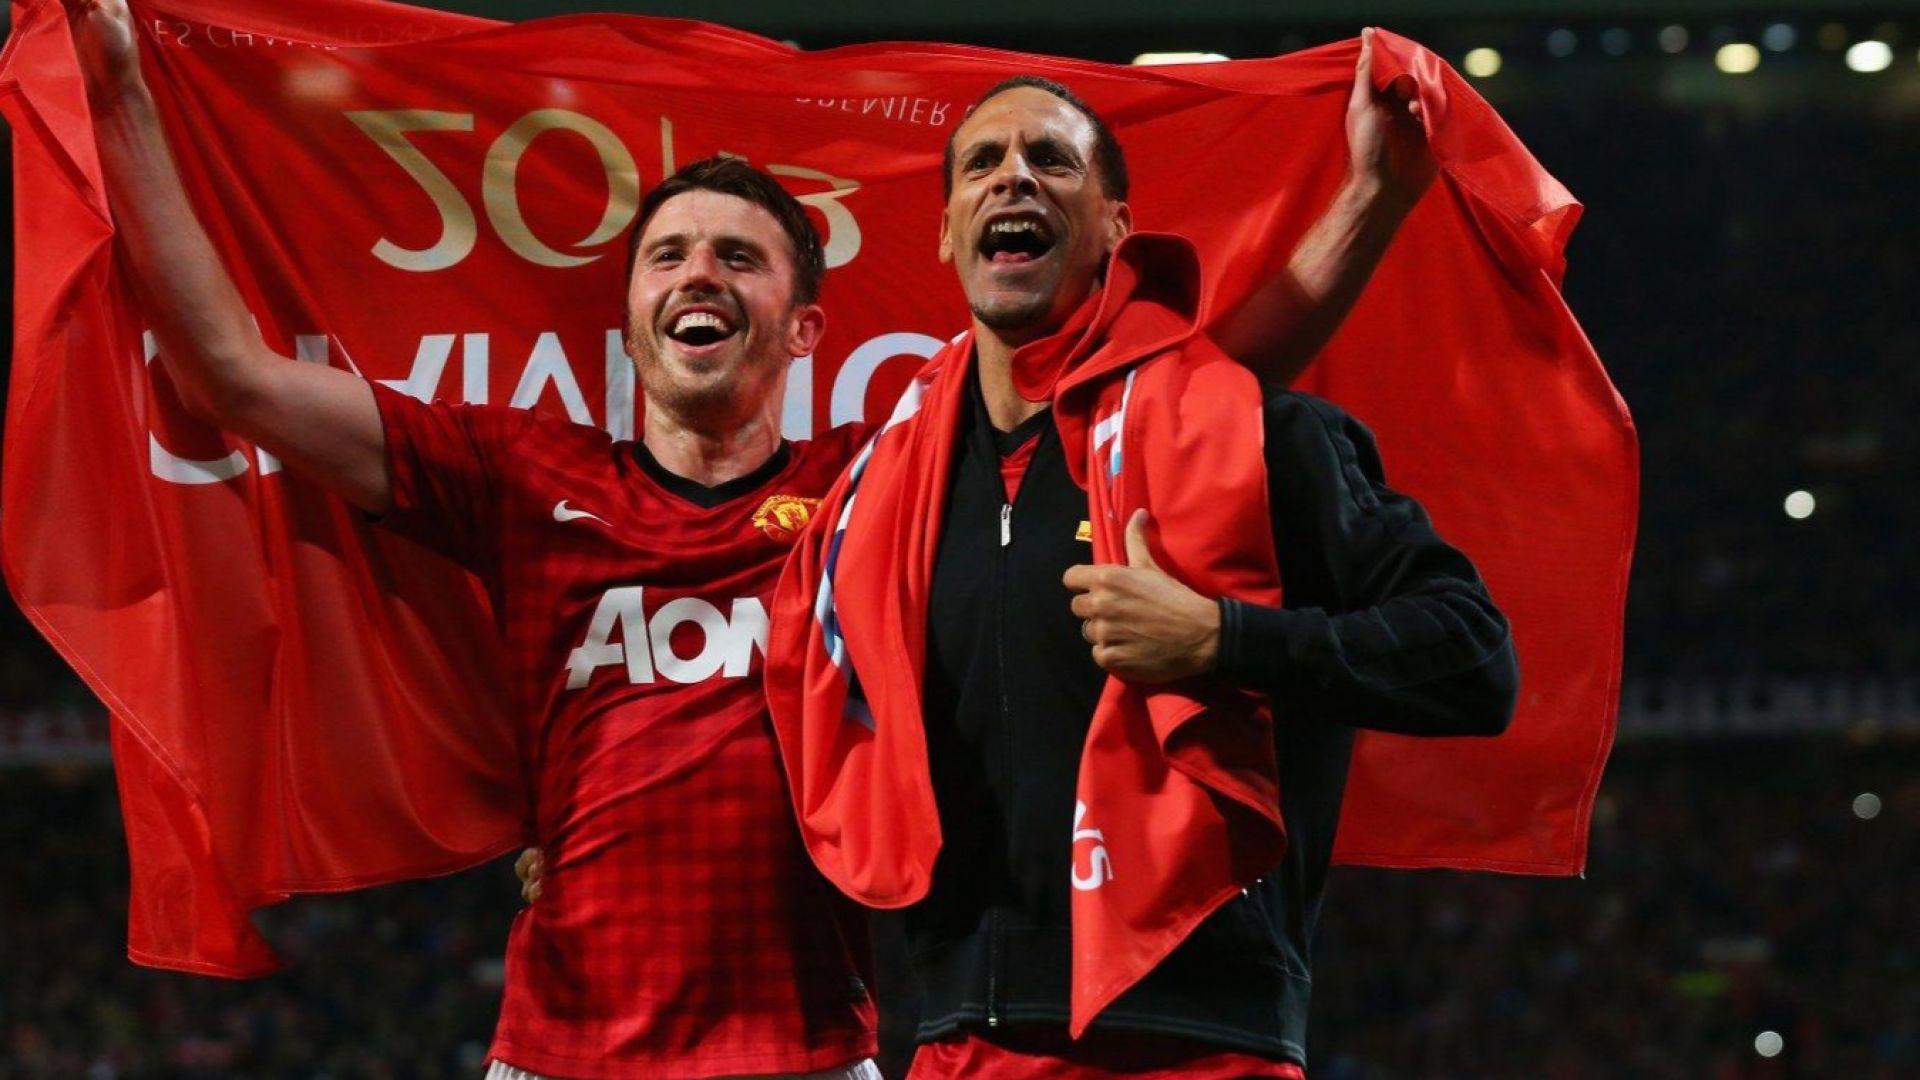 Седем години от последния шампионски Юнайтед - какво и защо се обърка?